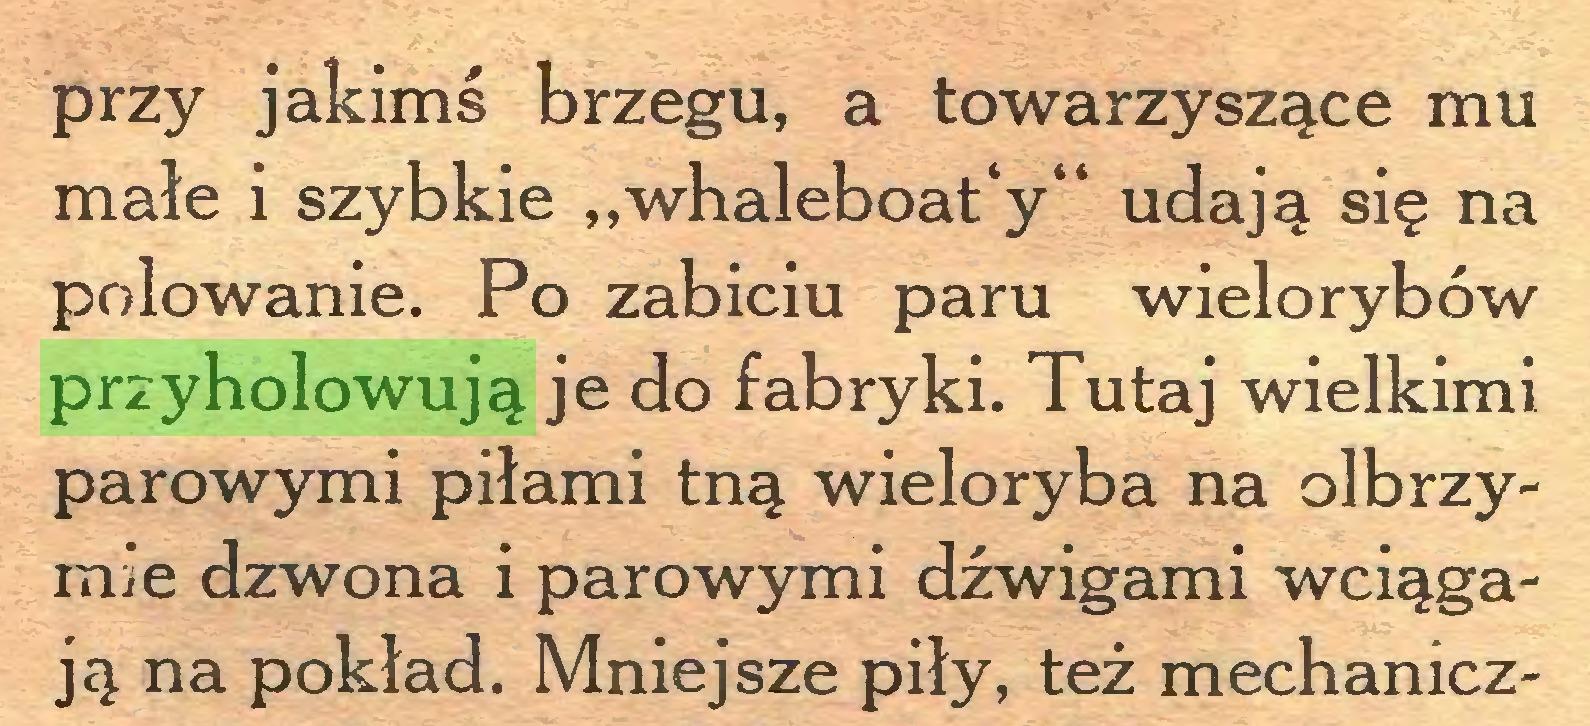 """(...) przy jakimś brzegu, a towarzyszące mu małe i szybkie """"whaleboat'y' udają się na polowanie. Po zabiciu paru wielorybów przyholowują je do fabryki. Tutaj wielkimi parowymi piłami tną wieloryba na olbrzymie dzwona i parowymi dźwigami wciągają na pokład. Mniejsze piły, też mechanicz..."""